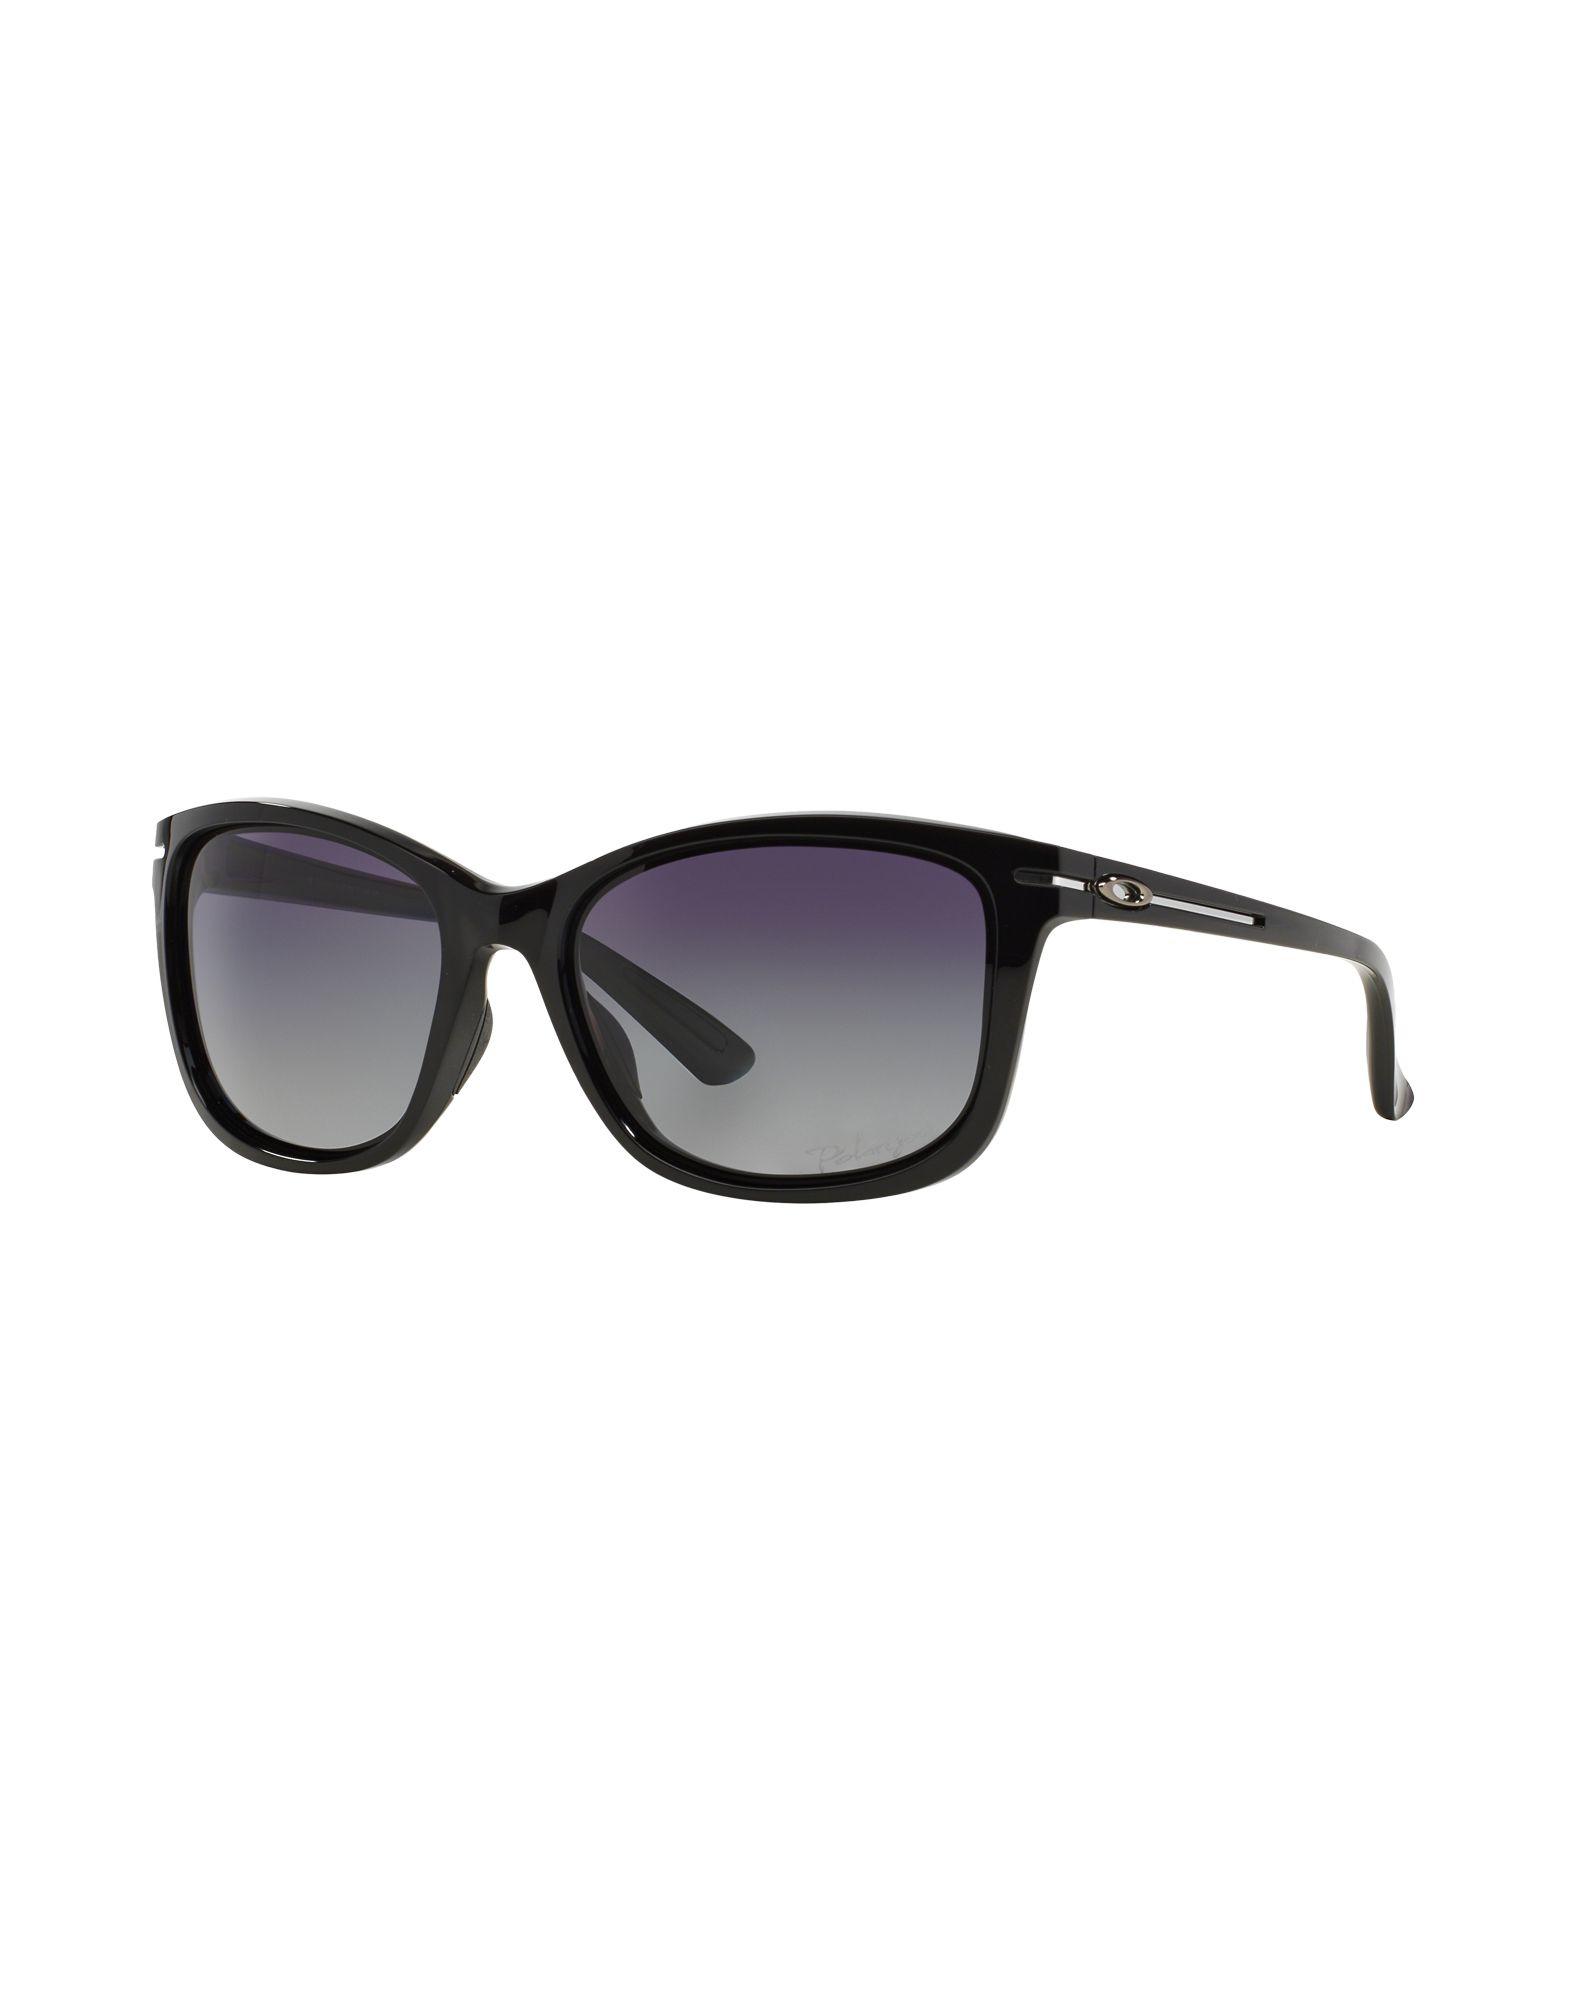 oakley black sunglasses for men